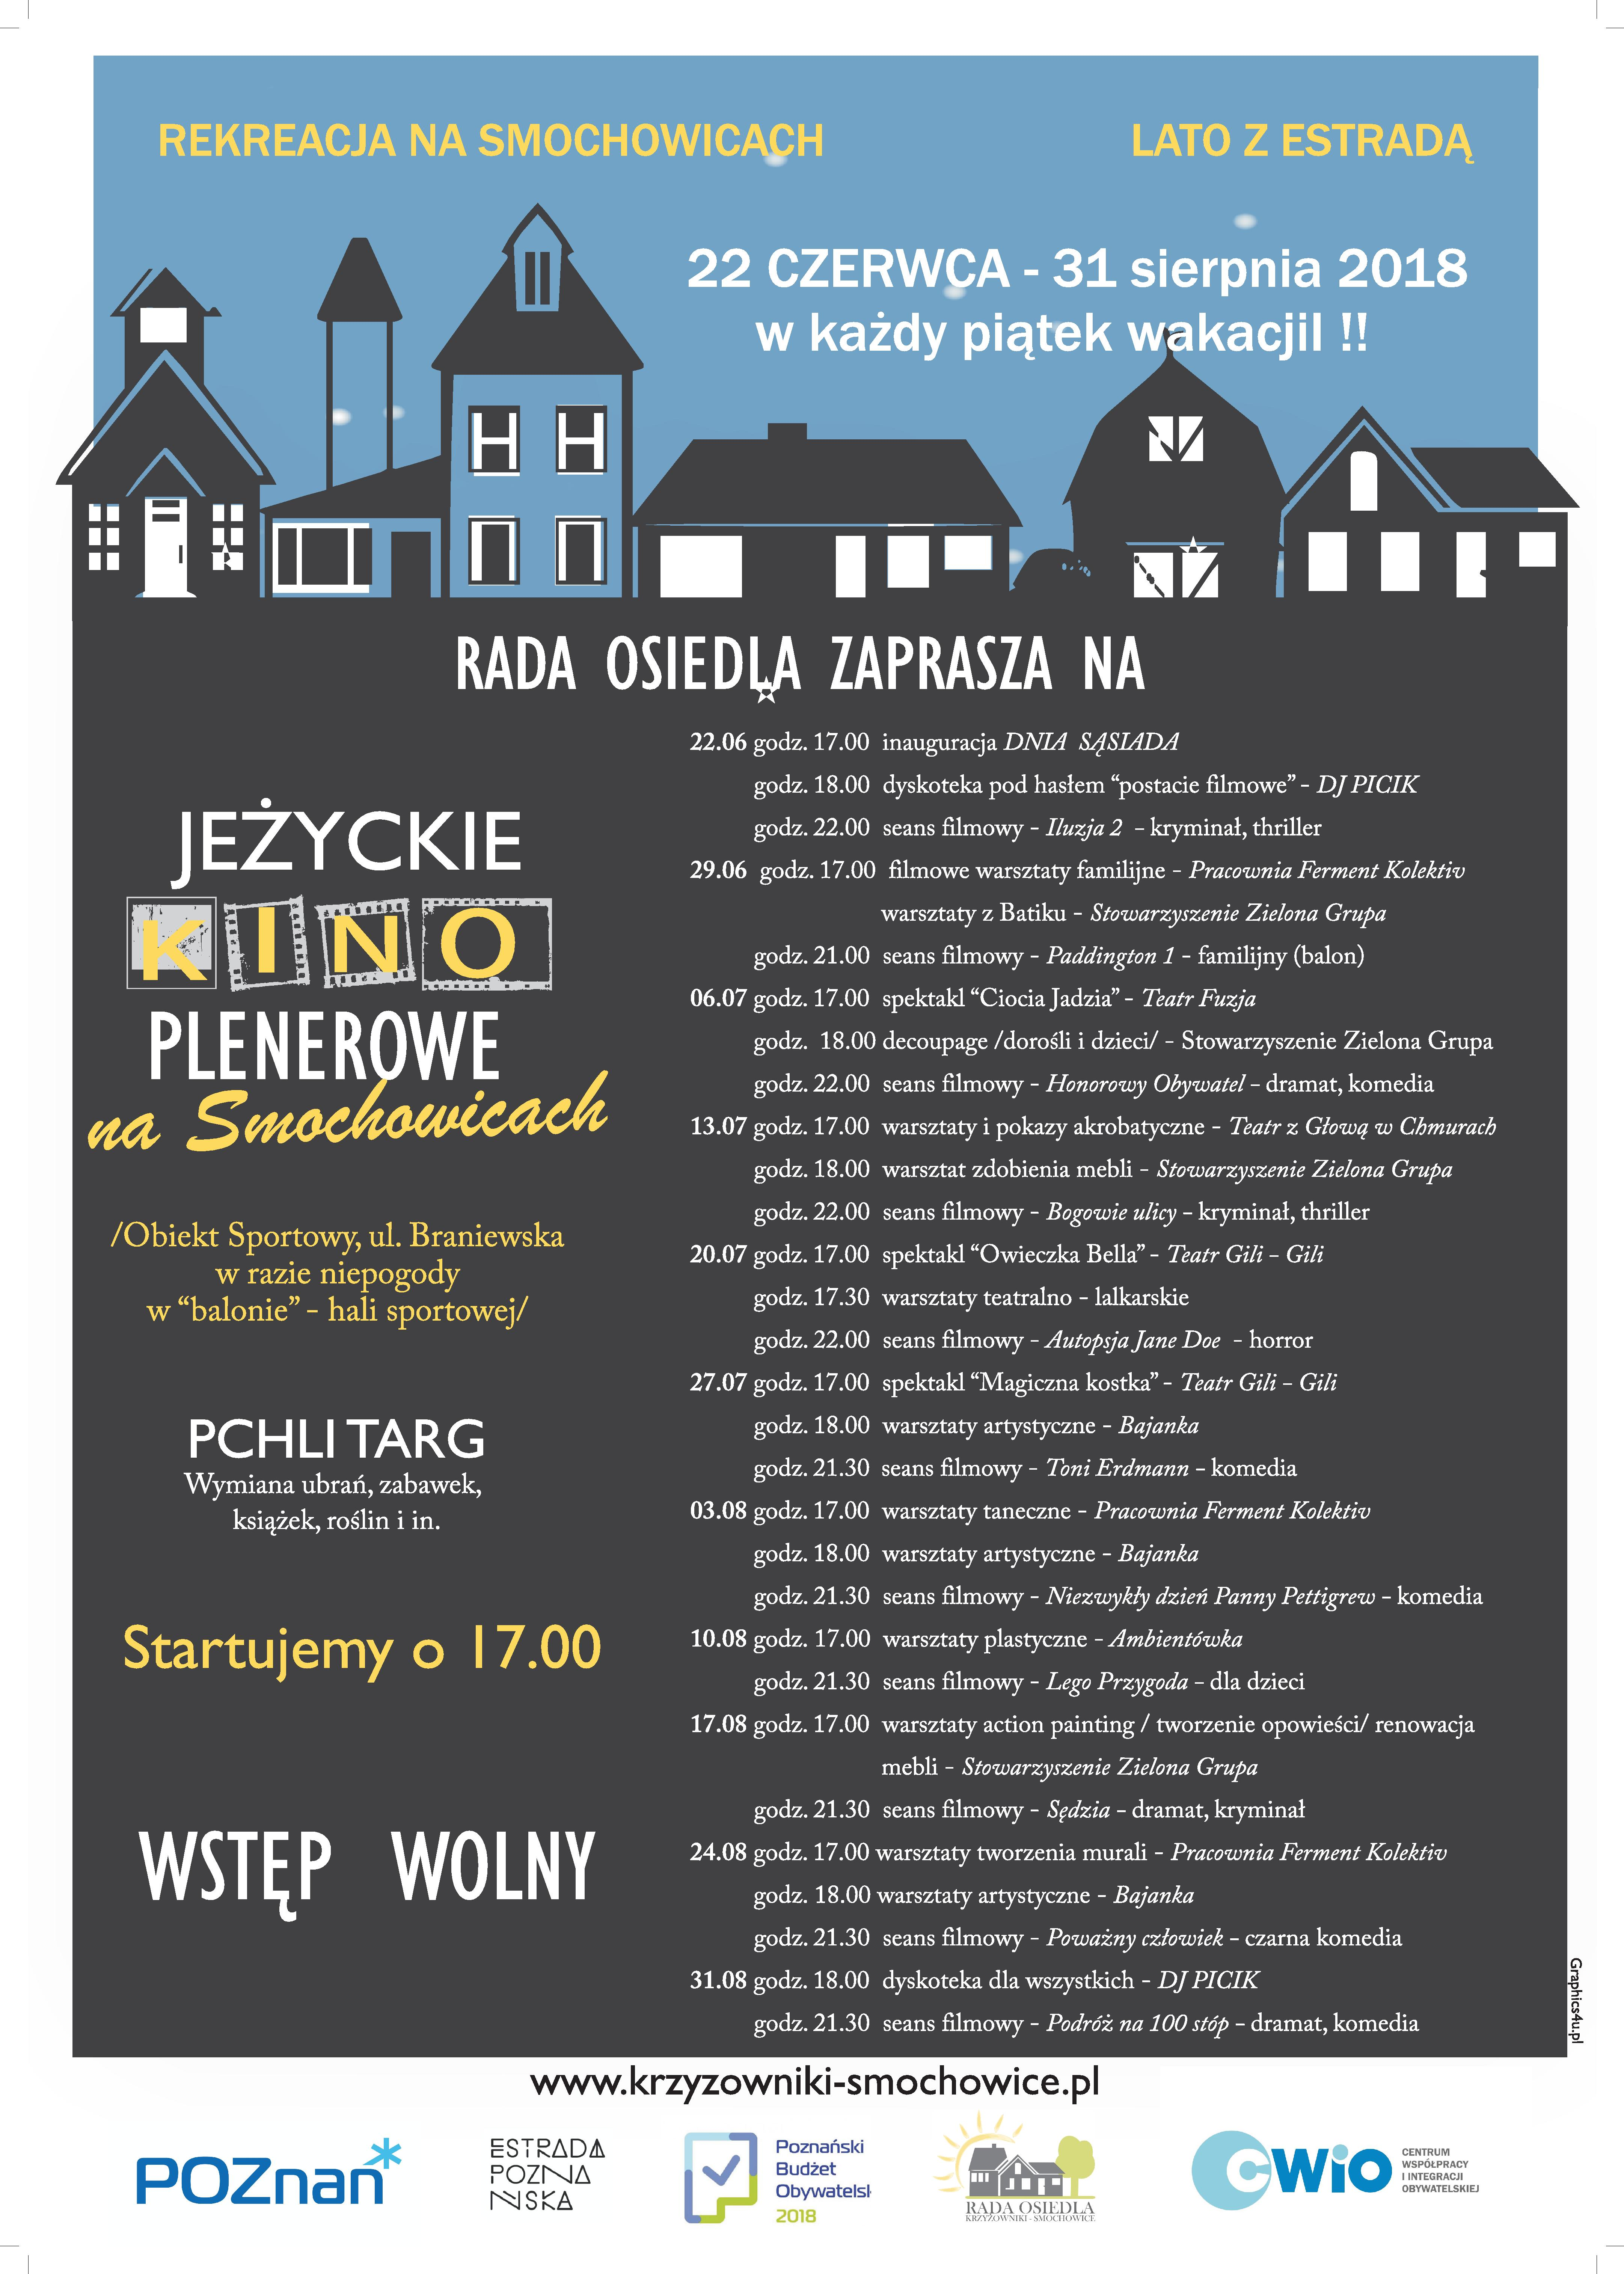 Jeżyckie Kino Plenerowe na Smochowicach